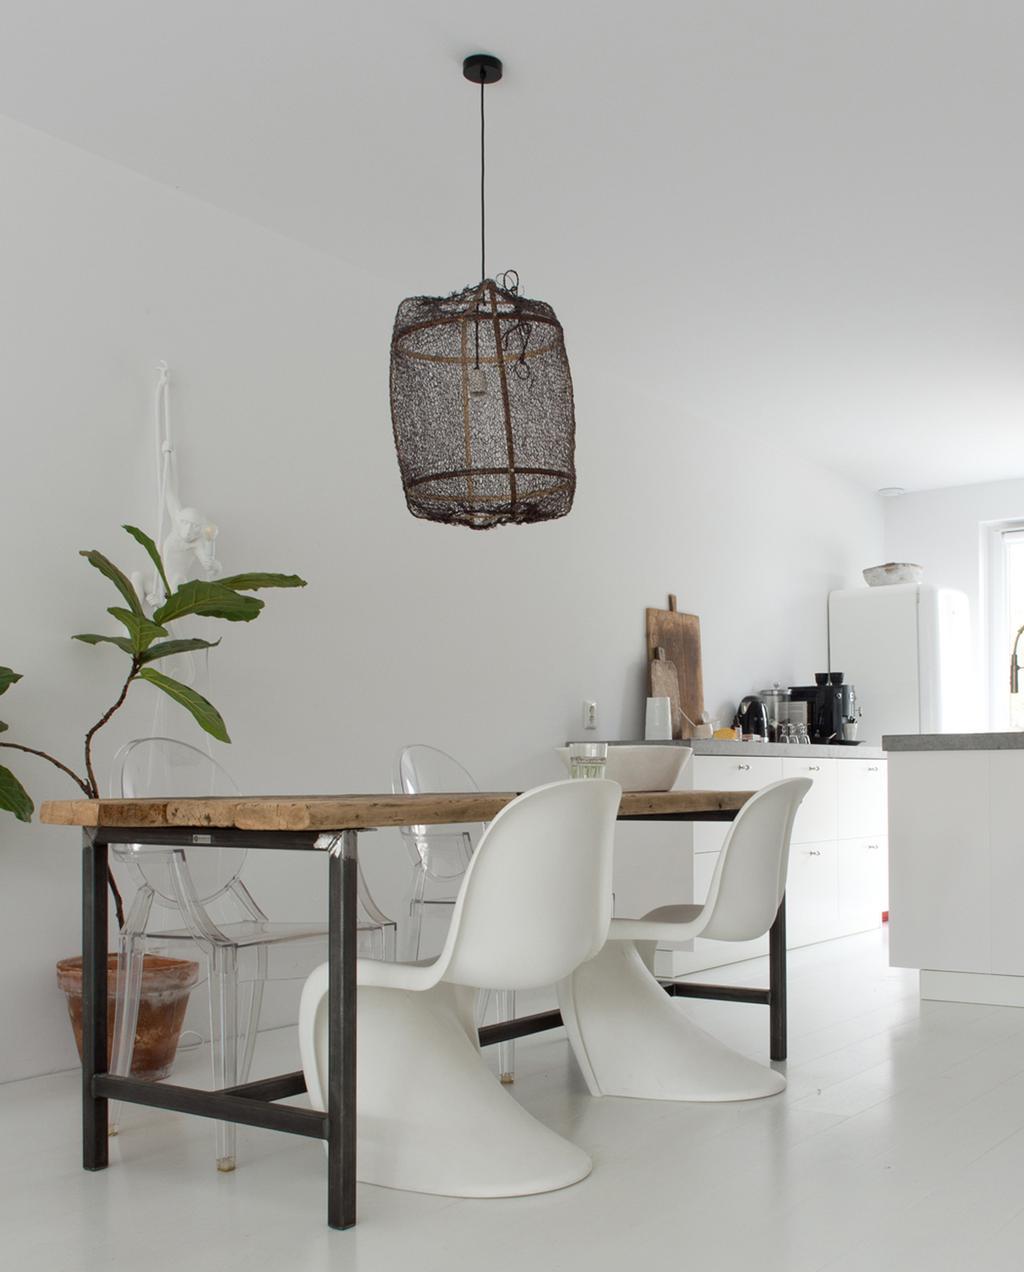 vtwonen 12-2019 binnenkijken special | vrijstaand nieuwbouwhuis in Almere eetkamer